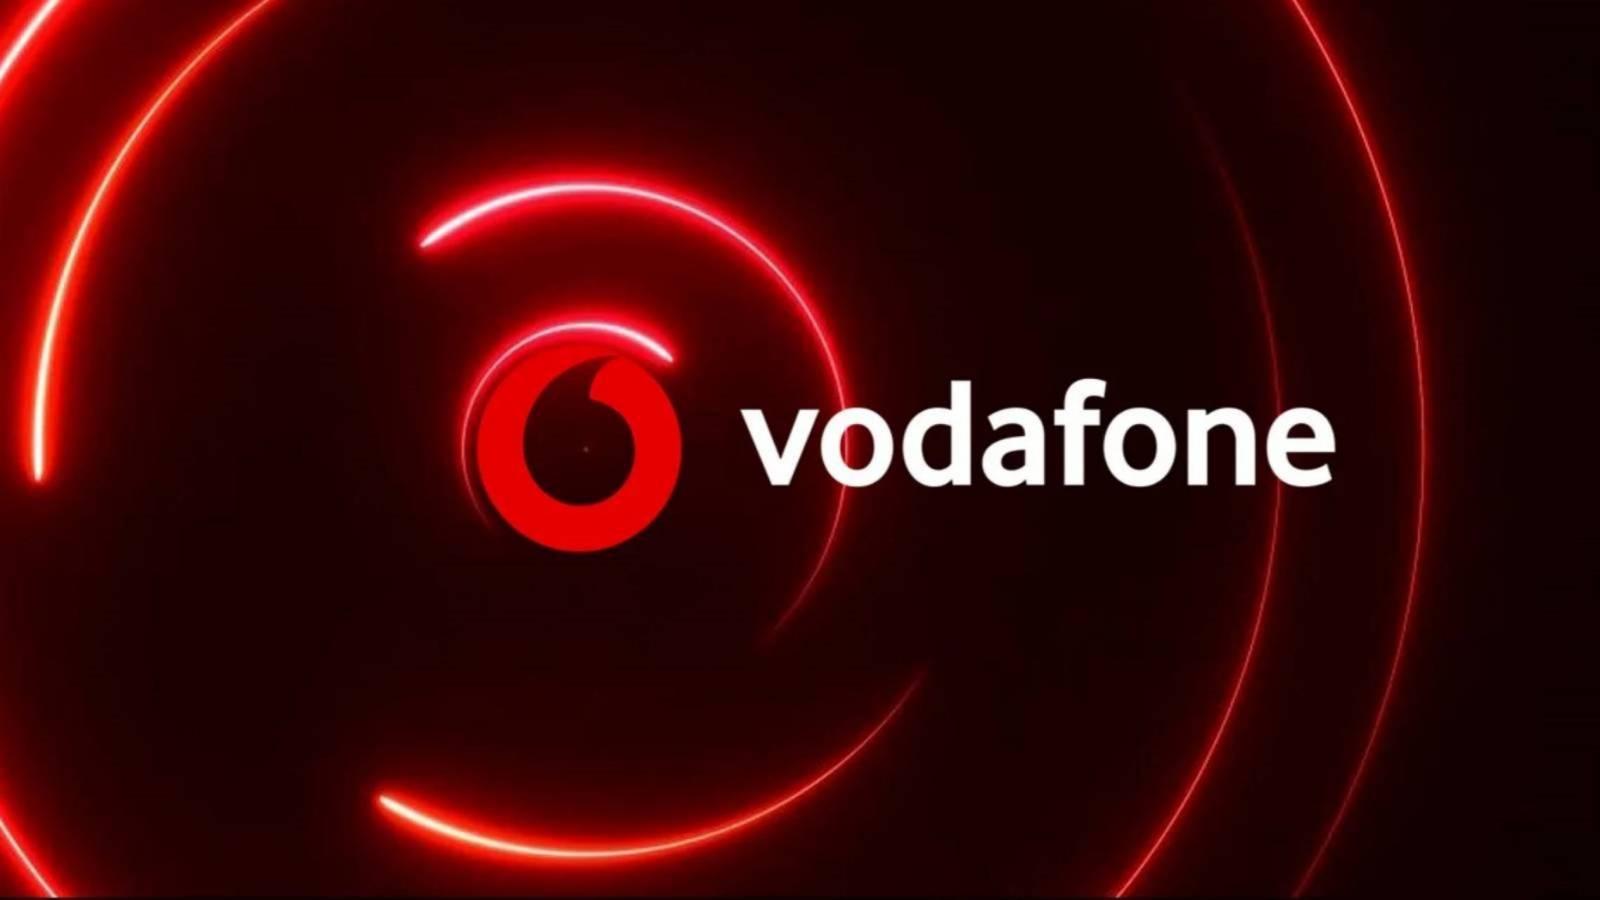 Vodafone respectare